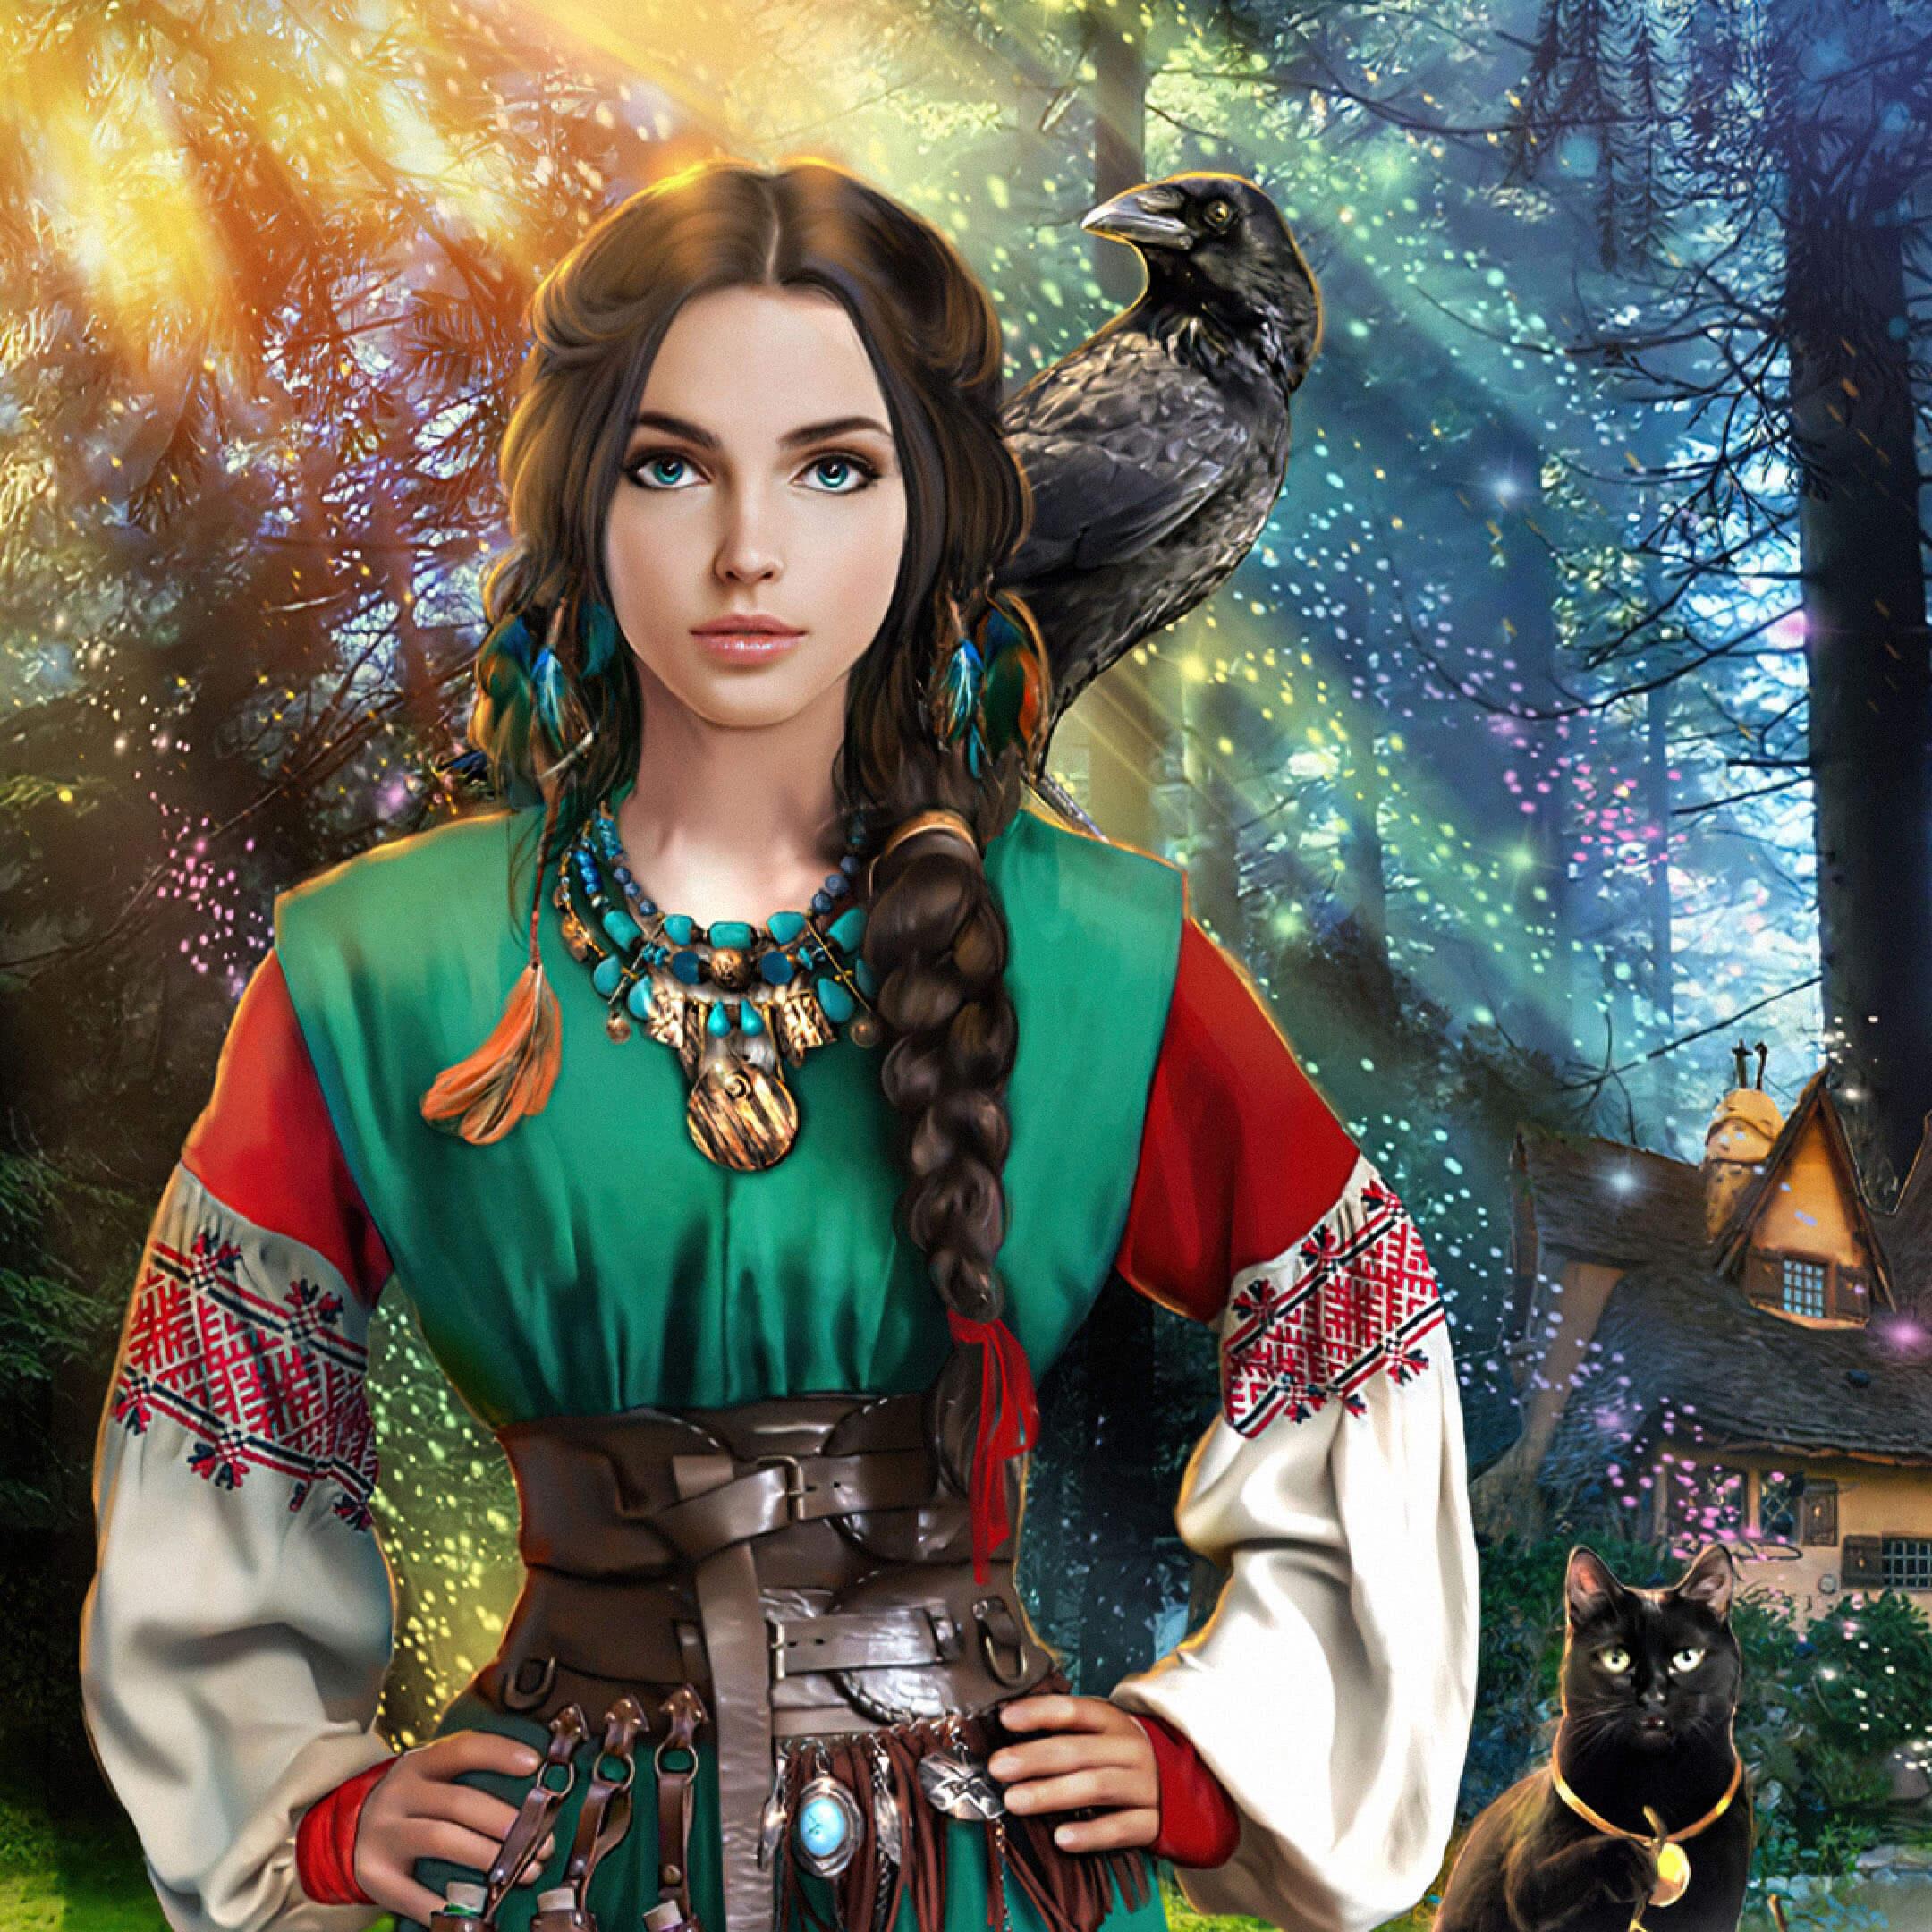 Иллюстрация собложки книги Елены Звездной «Лесная ведунья»